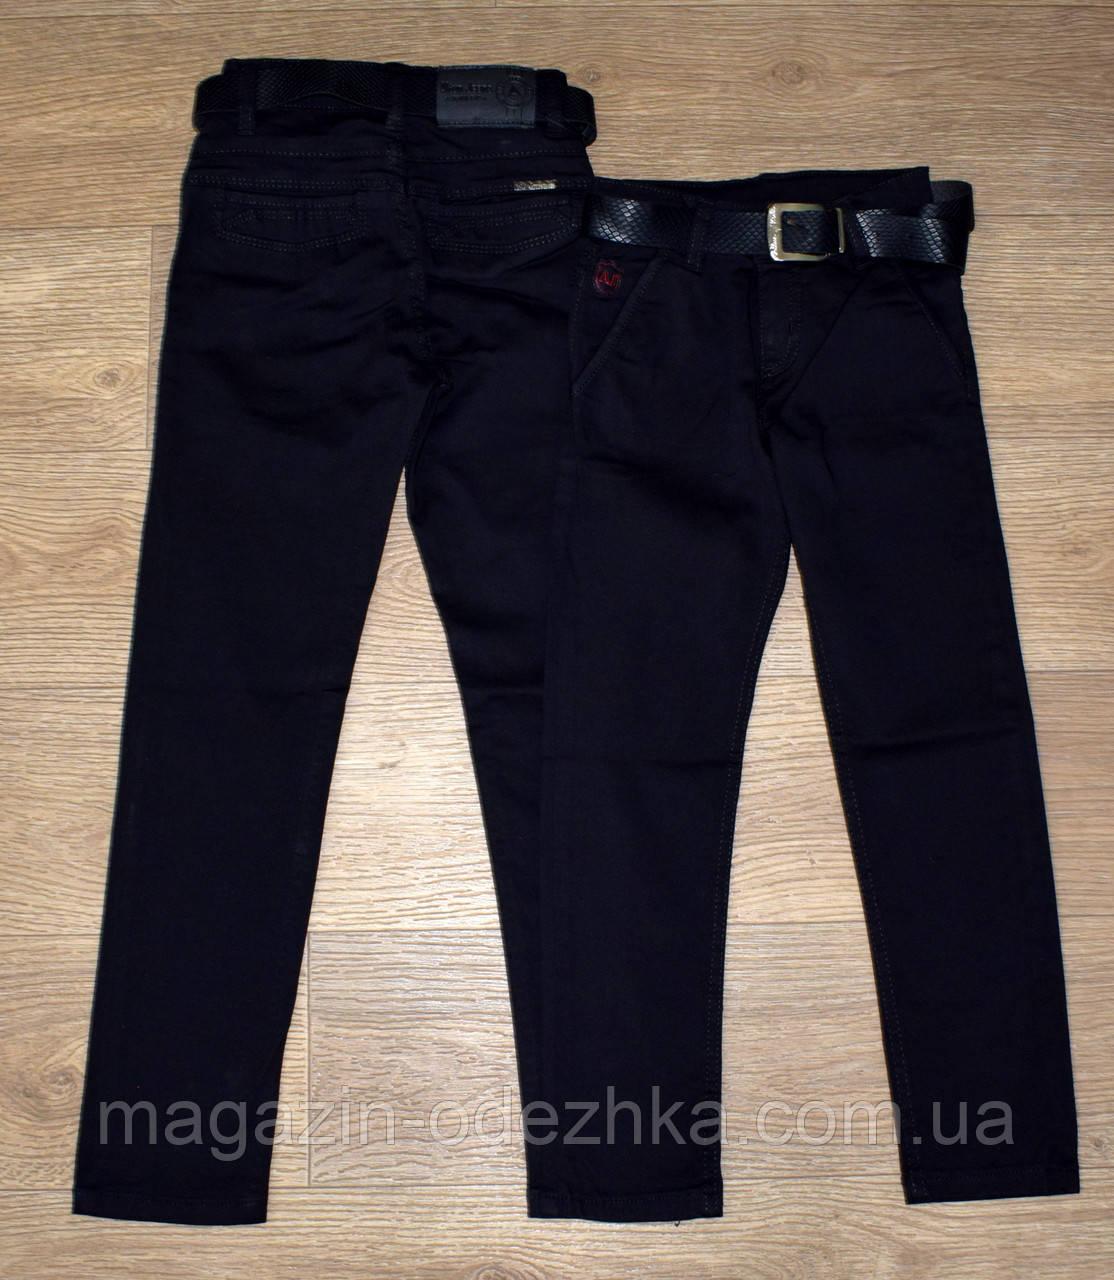 Школьные брюки для мальчика 6-7-8-9-10 лет